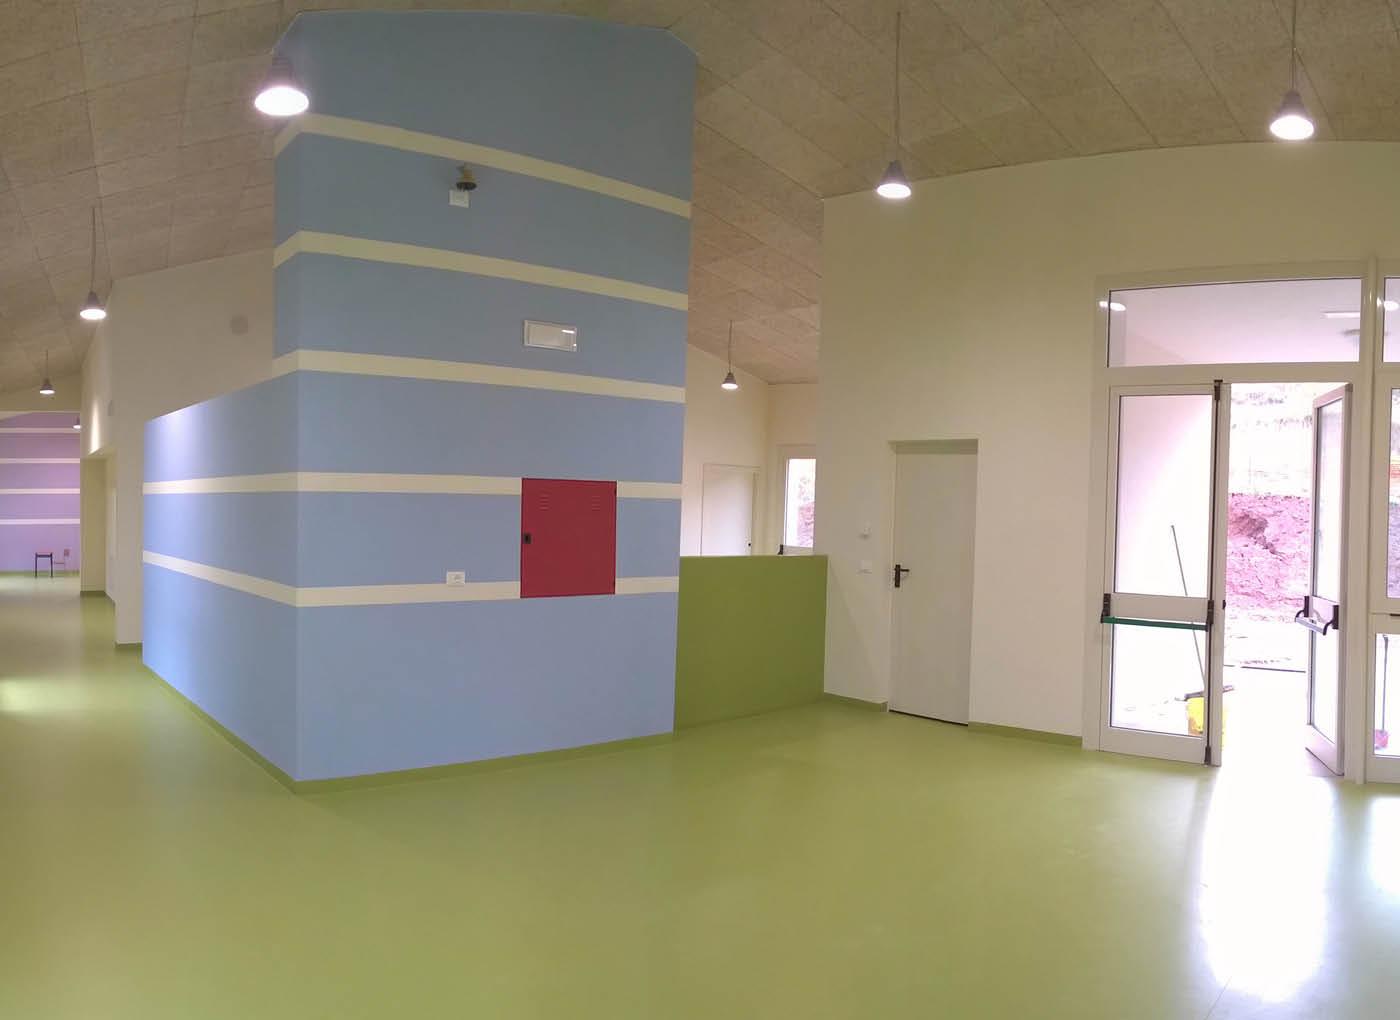 scuola-ungaretti-coreglia-ristrutturazione-solai-interpiano-6